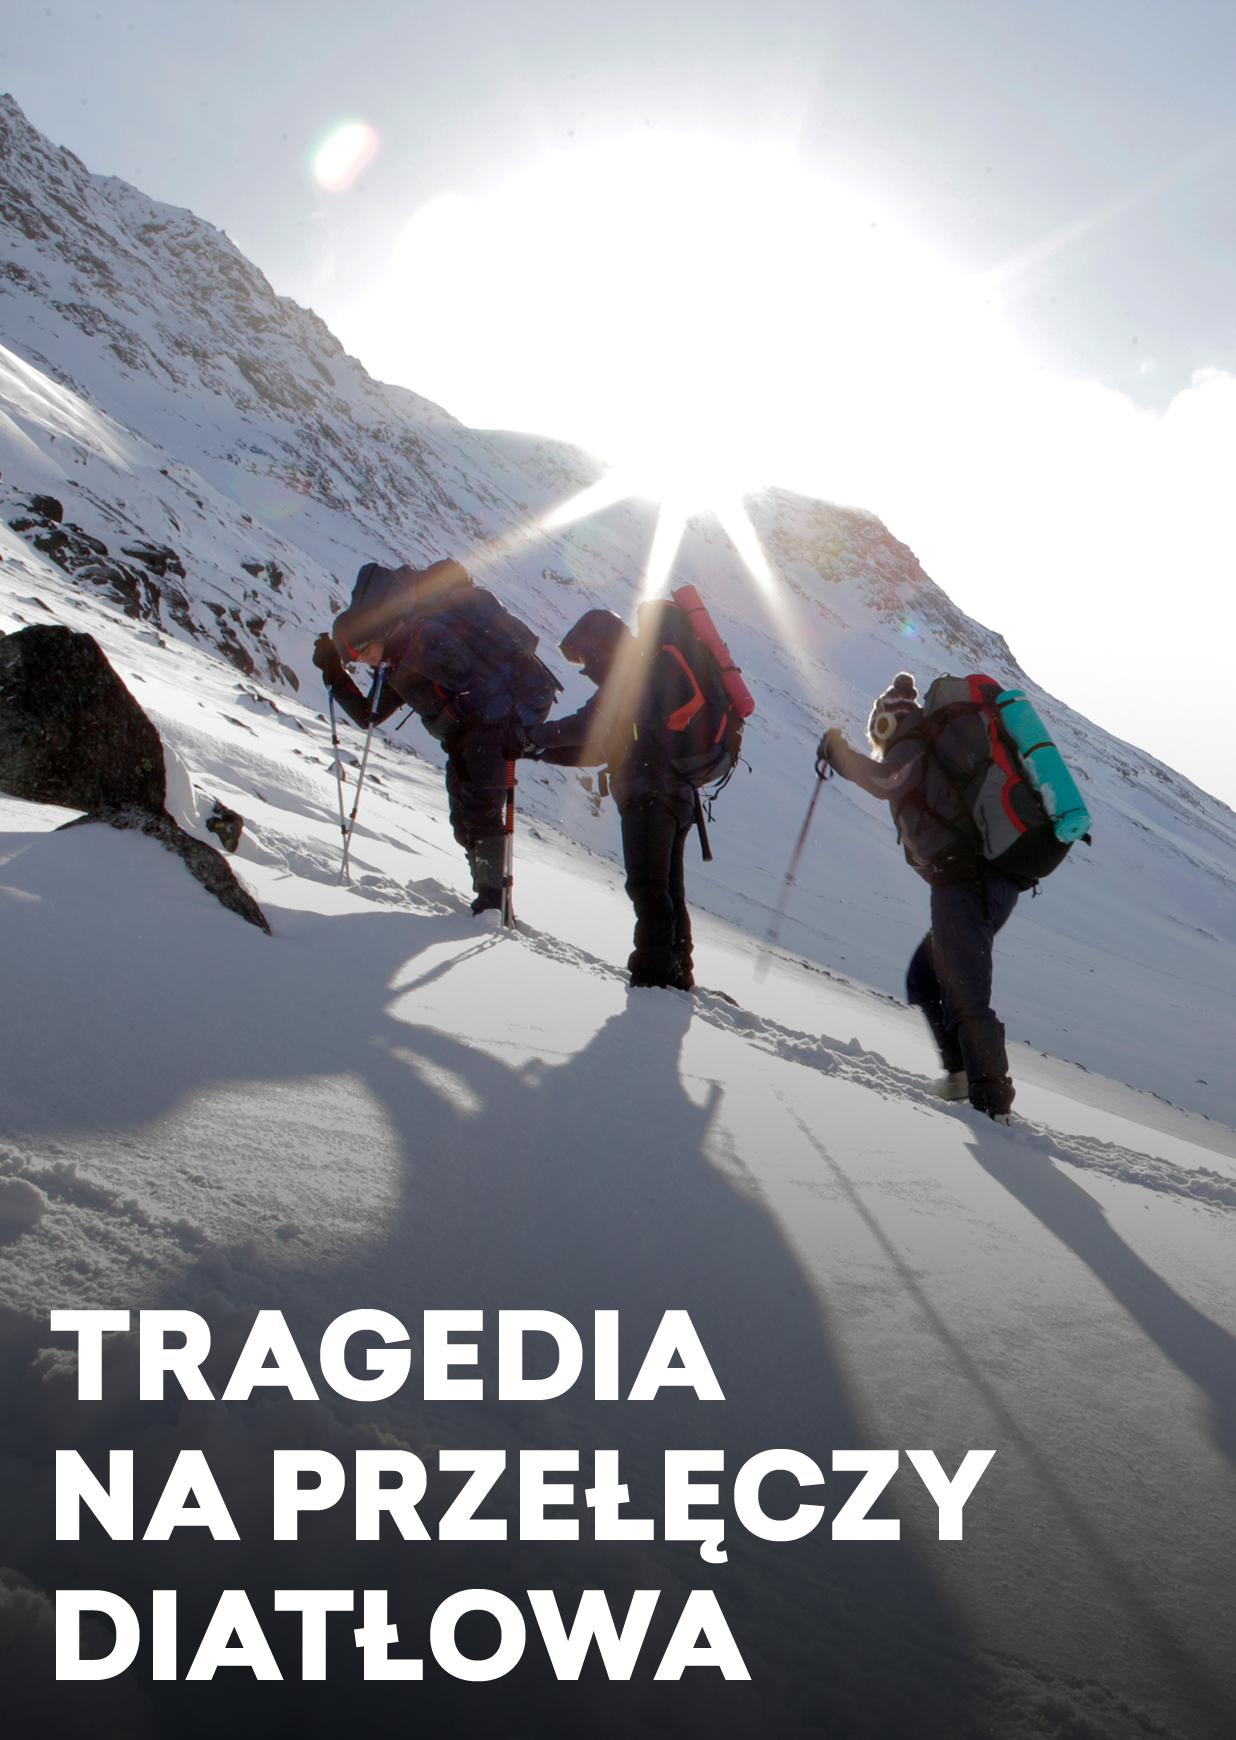 Tragedia na przełęczy Diatłowa